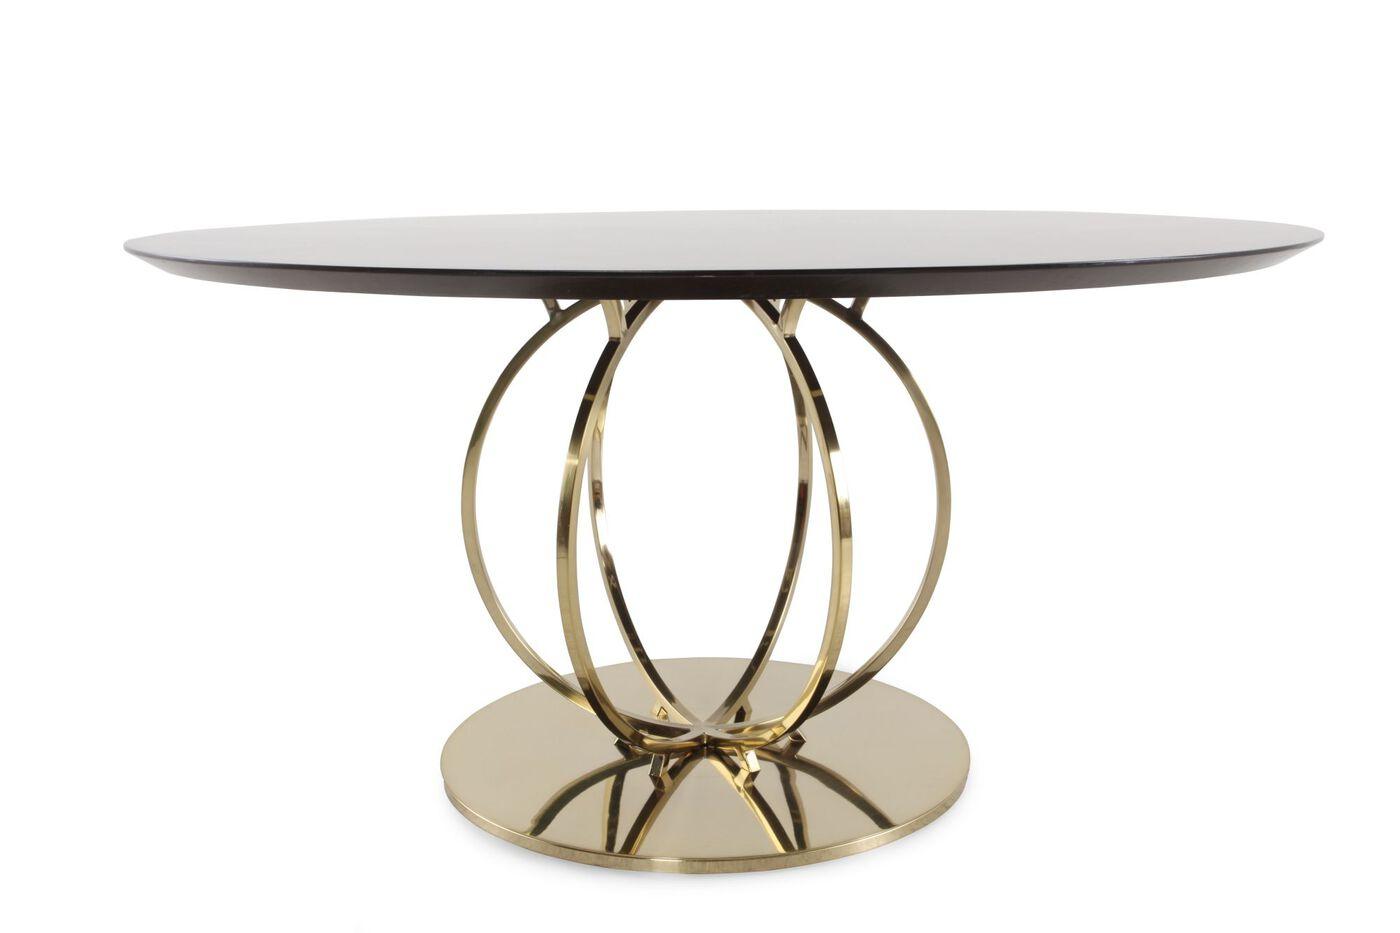 Bernhardt Jet Set Round Dining Table - Bernhardt Jet Set Round Dining Table Mathis Brothers Furniture